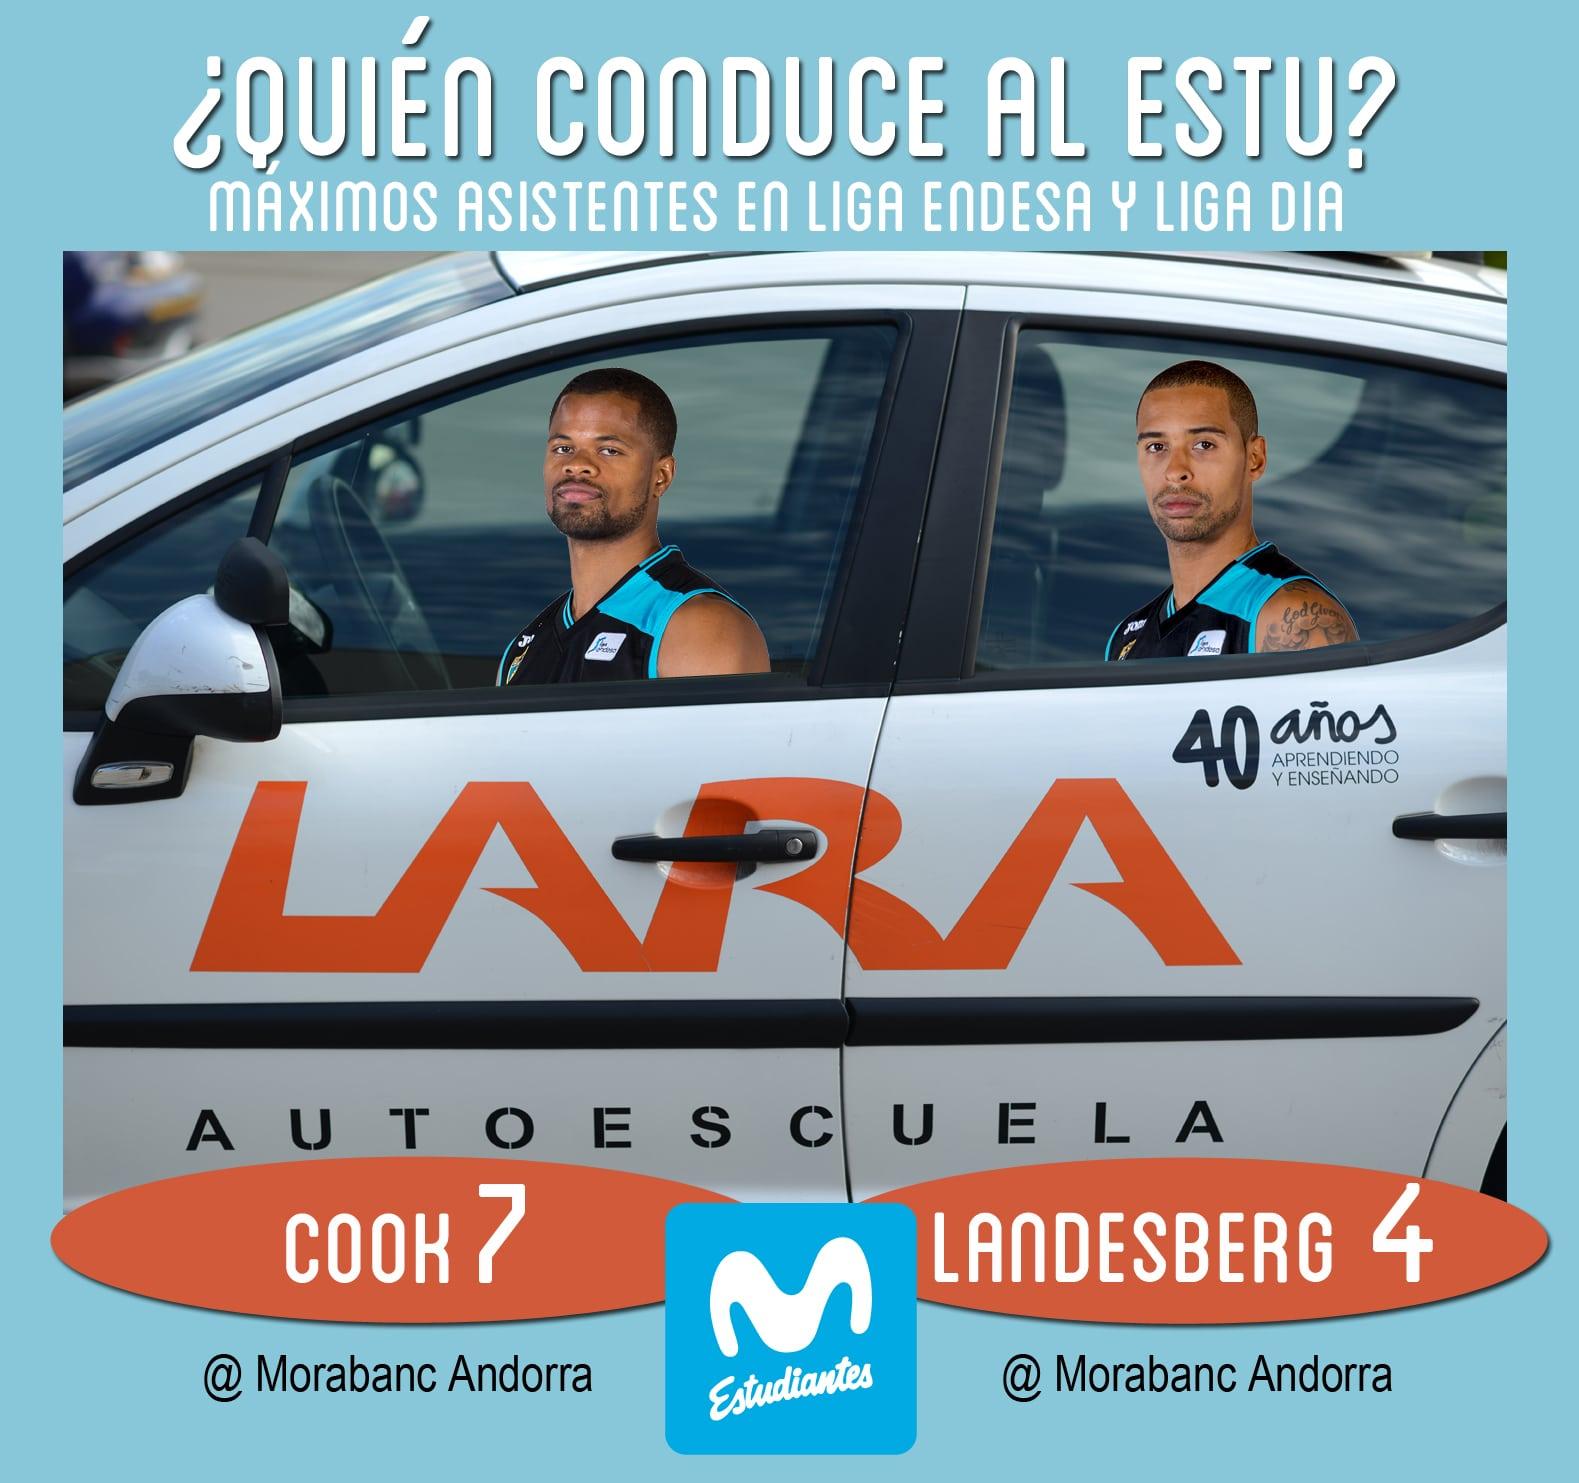 Conductores Autoescuela Lara: Omar Cook y Sylven Landesberg